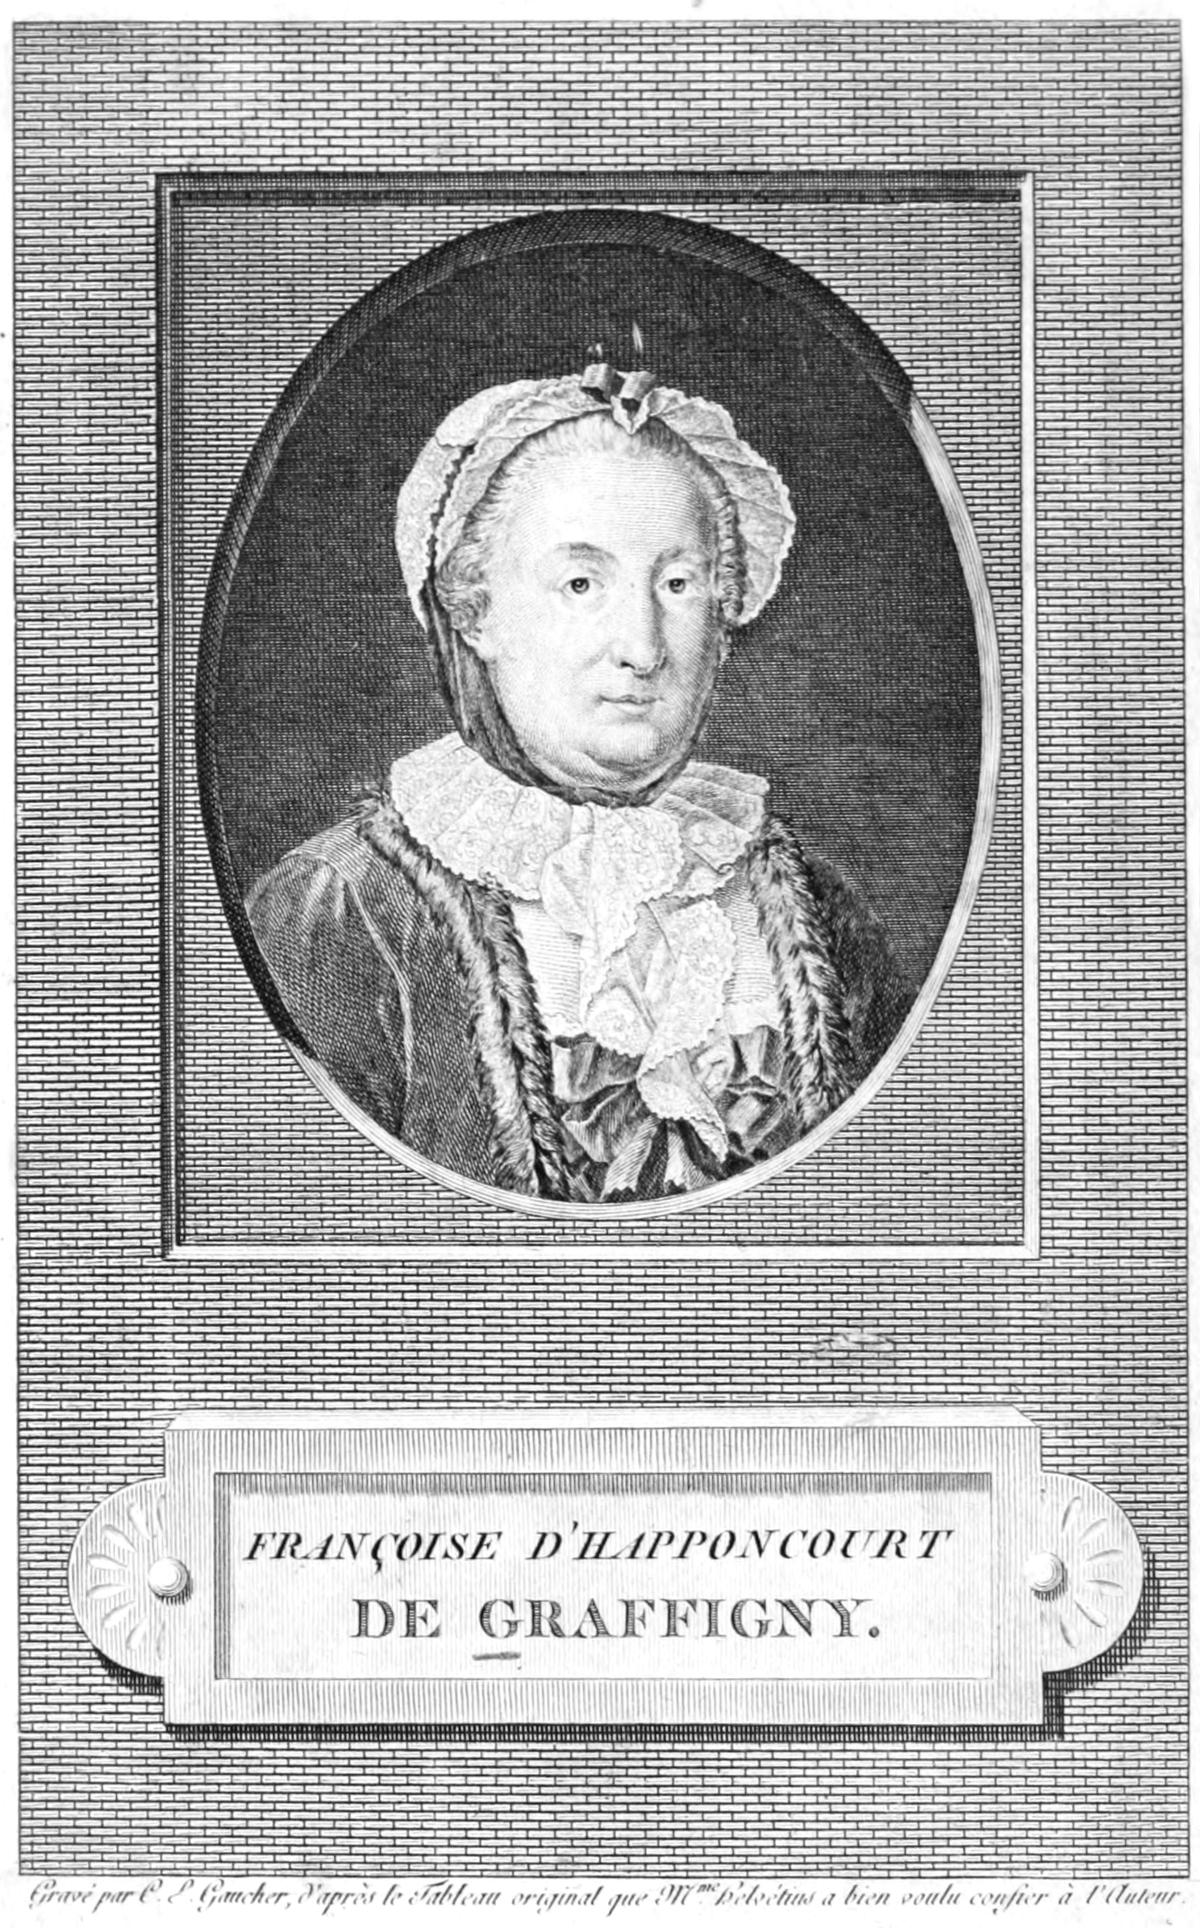 Françoise d'Happencourt de Graffigny.png